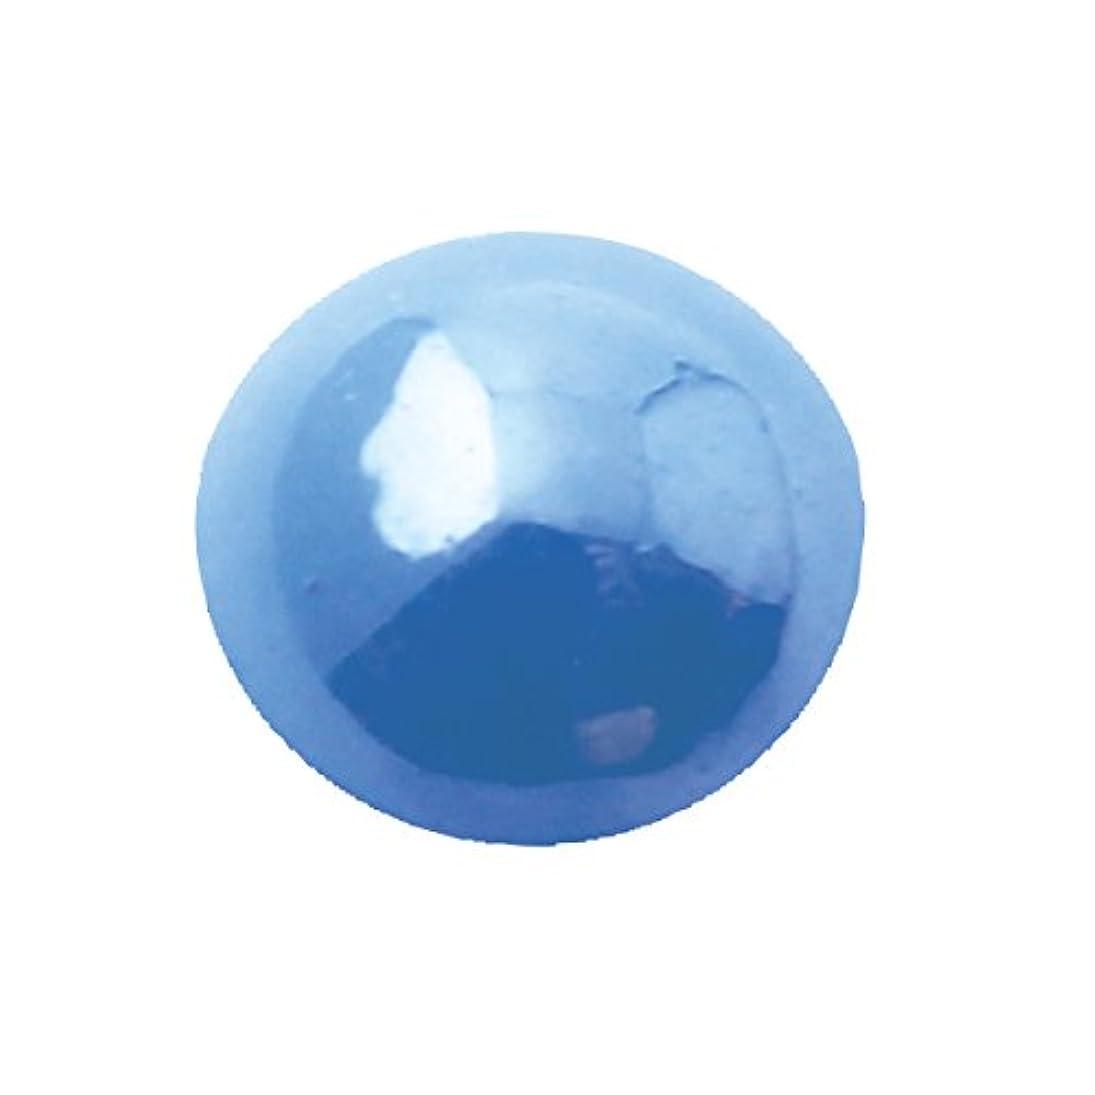 仕事に行く金曜日性交グラスパールラウンド 5mm(各30個) ブルー